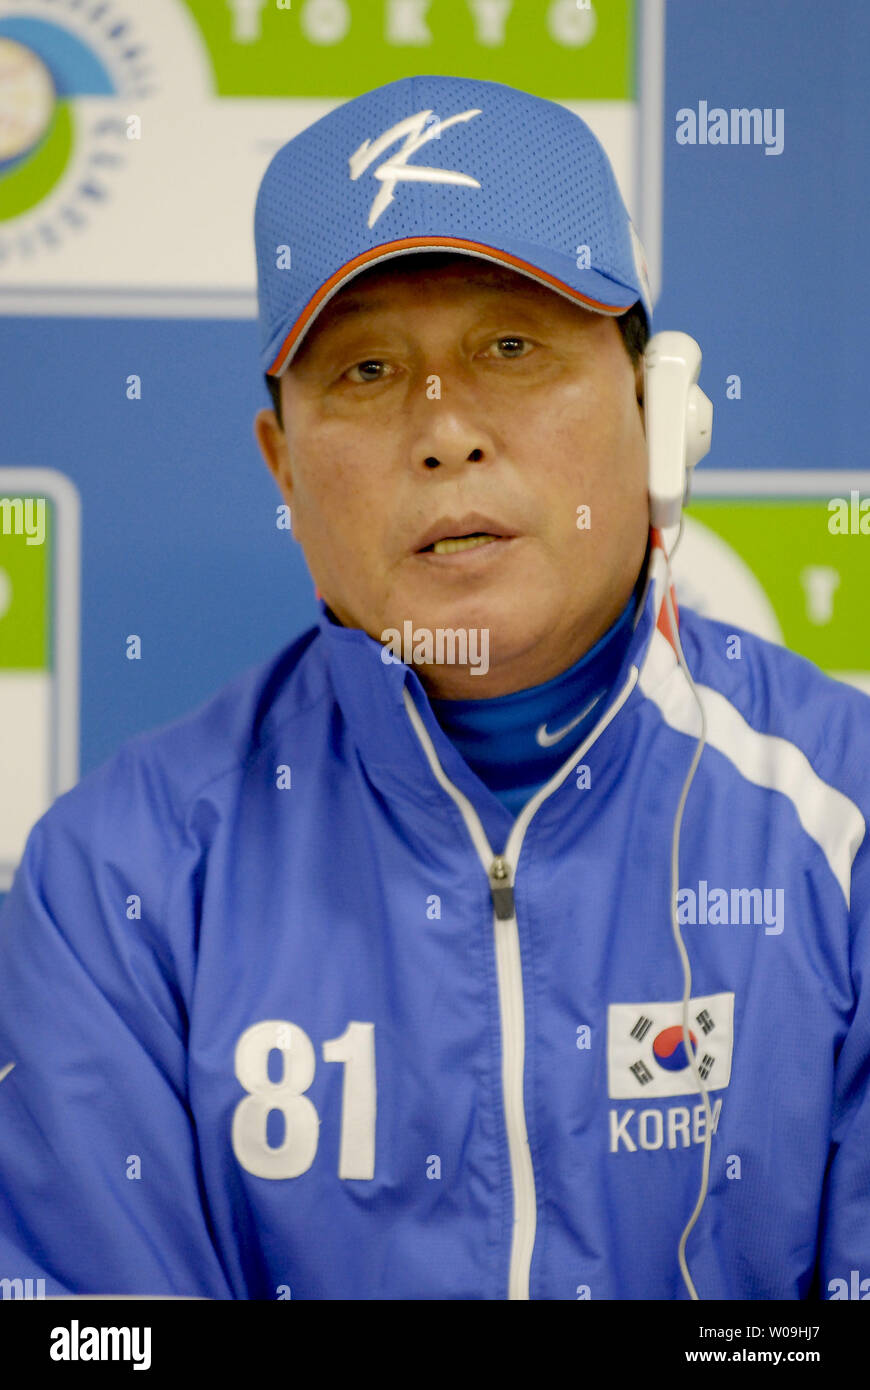 Dans Sik Kim, manager de l'équipe nationale de Corée du Sud participe à une conférence de presse à Tokyo Dome, à Tokyo, Japon, le 4 mars 2009. (Photo d'UPI/Keizo Mori) Photo Stock